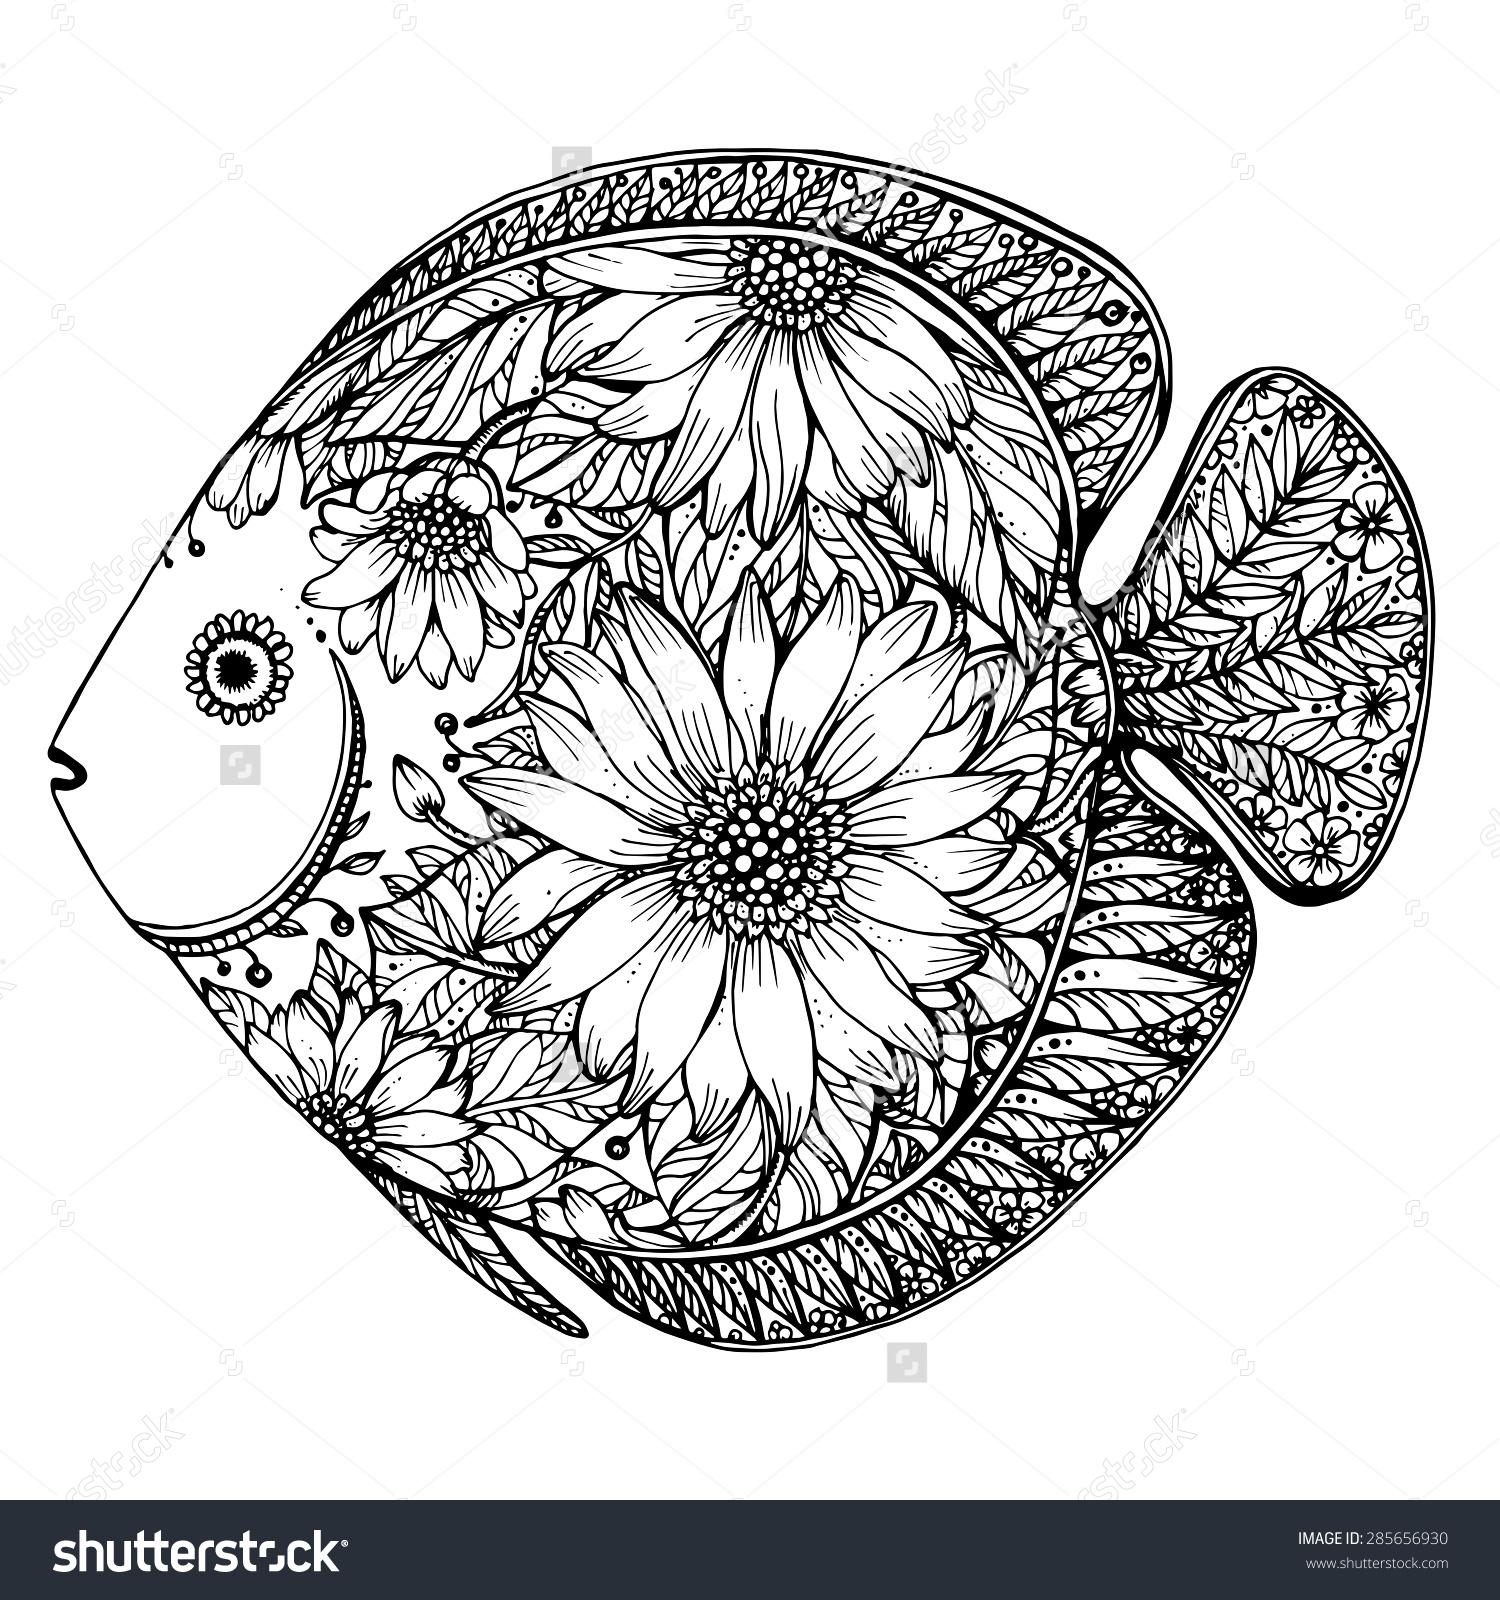 Раскраска для детей 4 лет цветок